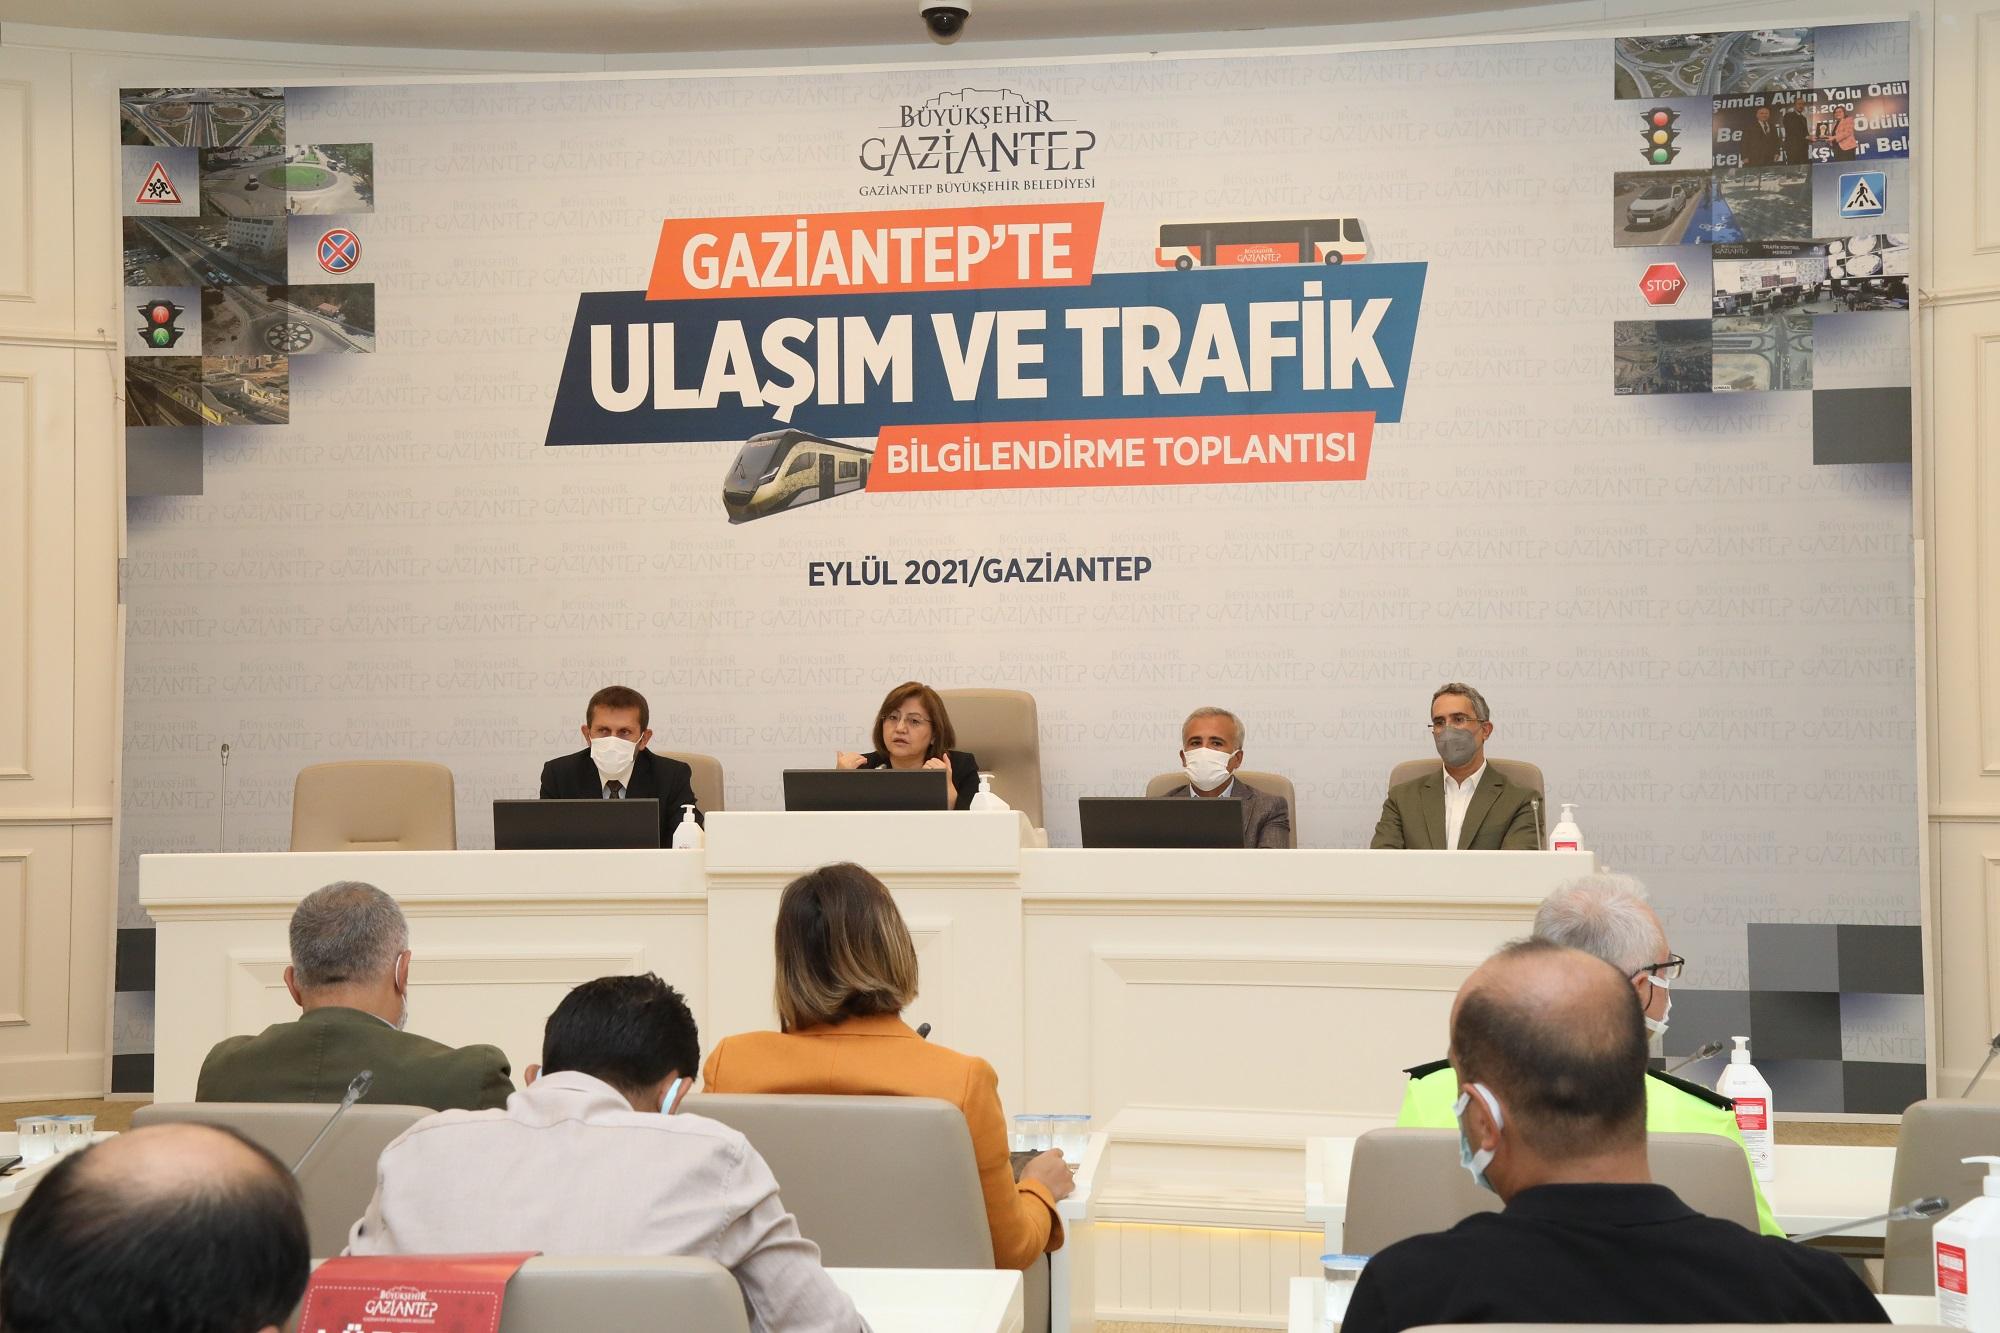 GAZİANTEP'TE ULAŞIM VE TRAFİK MASAYA YATIRILDI